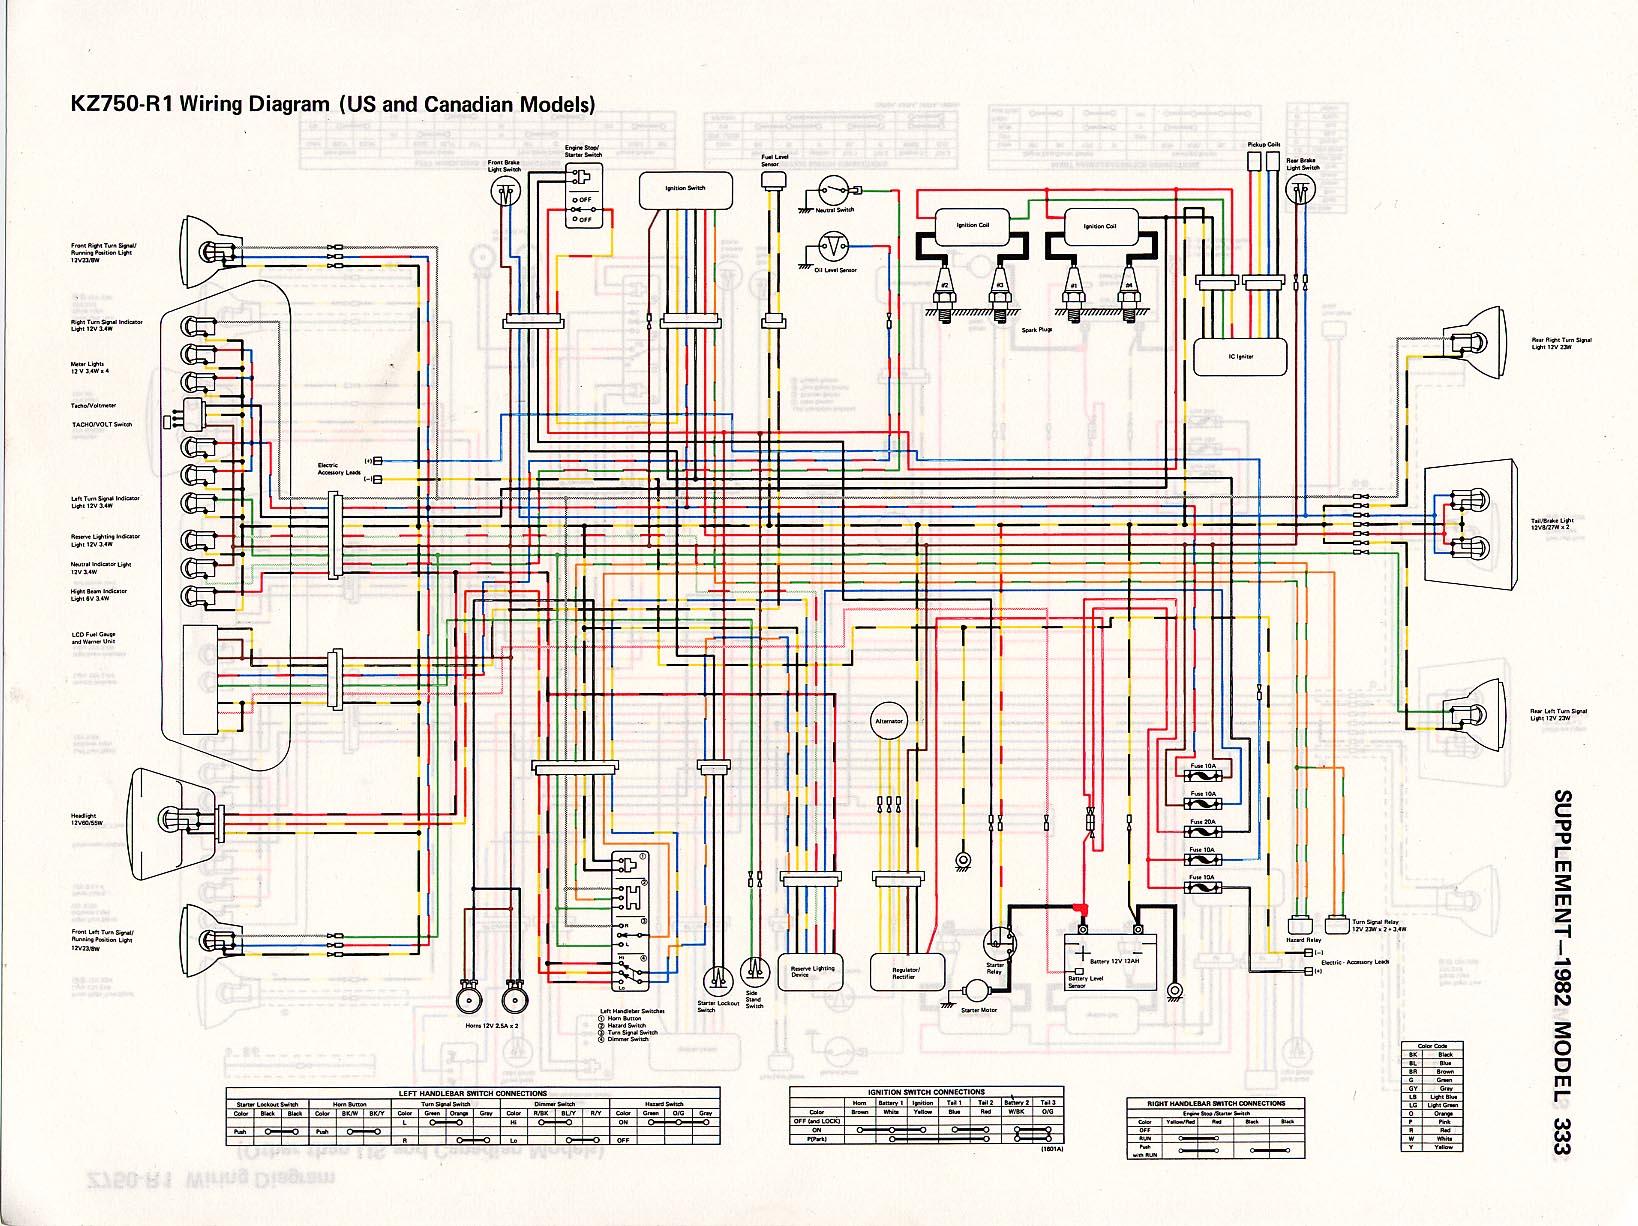 Kawasaki 750 Wiring Schematics | Wiring Diagram on ke175 wiring diagram, ex250 wiring diagram, er6n wiring diagram, kz200 wiring diagram, z1000 wiring diagram, xs850 wiring diagram, kz400 wiring diagram, zx600 wiring diagram, kz900 wiring diagram, kawasaki wiring diagram, zl1000 wiring diagram, xv920 wiring diagram, fj1100 wiring diagram, kz1000 wiring diagram, vulcan 1500 wiring diagram, vulcan 750 wiring diagram, ninja 250r wiring diagram, xj550 wiring diagram, gs1000 wiring diagram, kz650 wiring diagram,